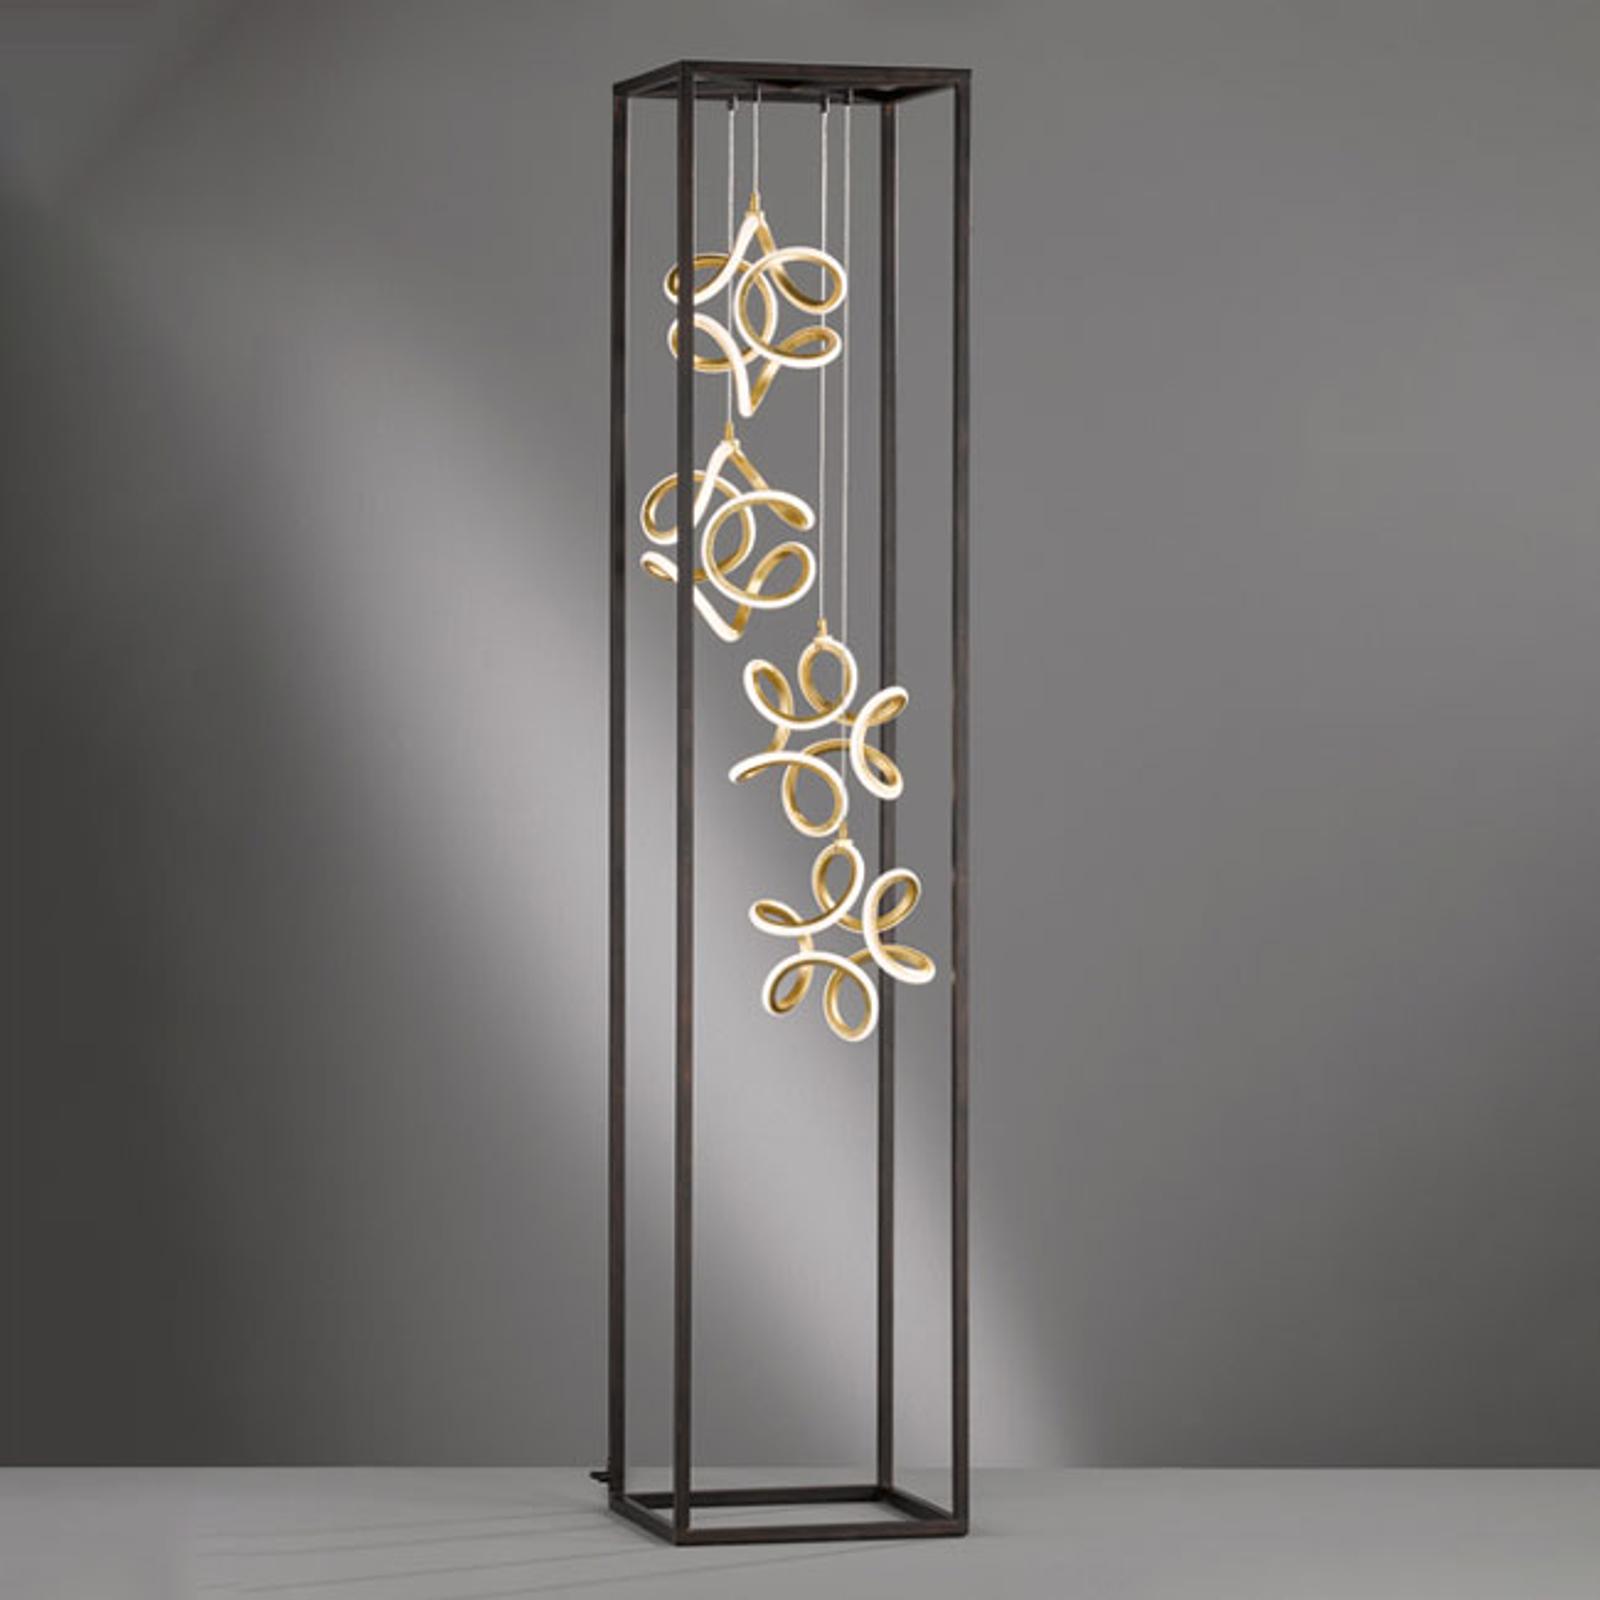 LED vloerlamp Gesa met 4 lichtelementen in kooi